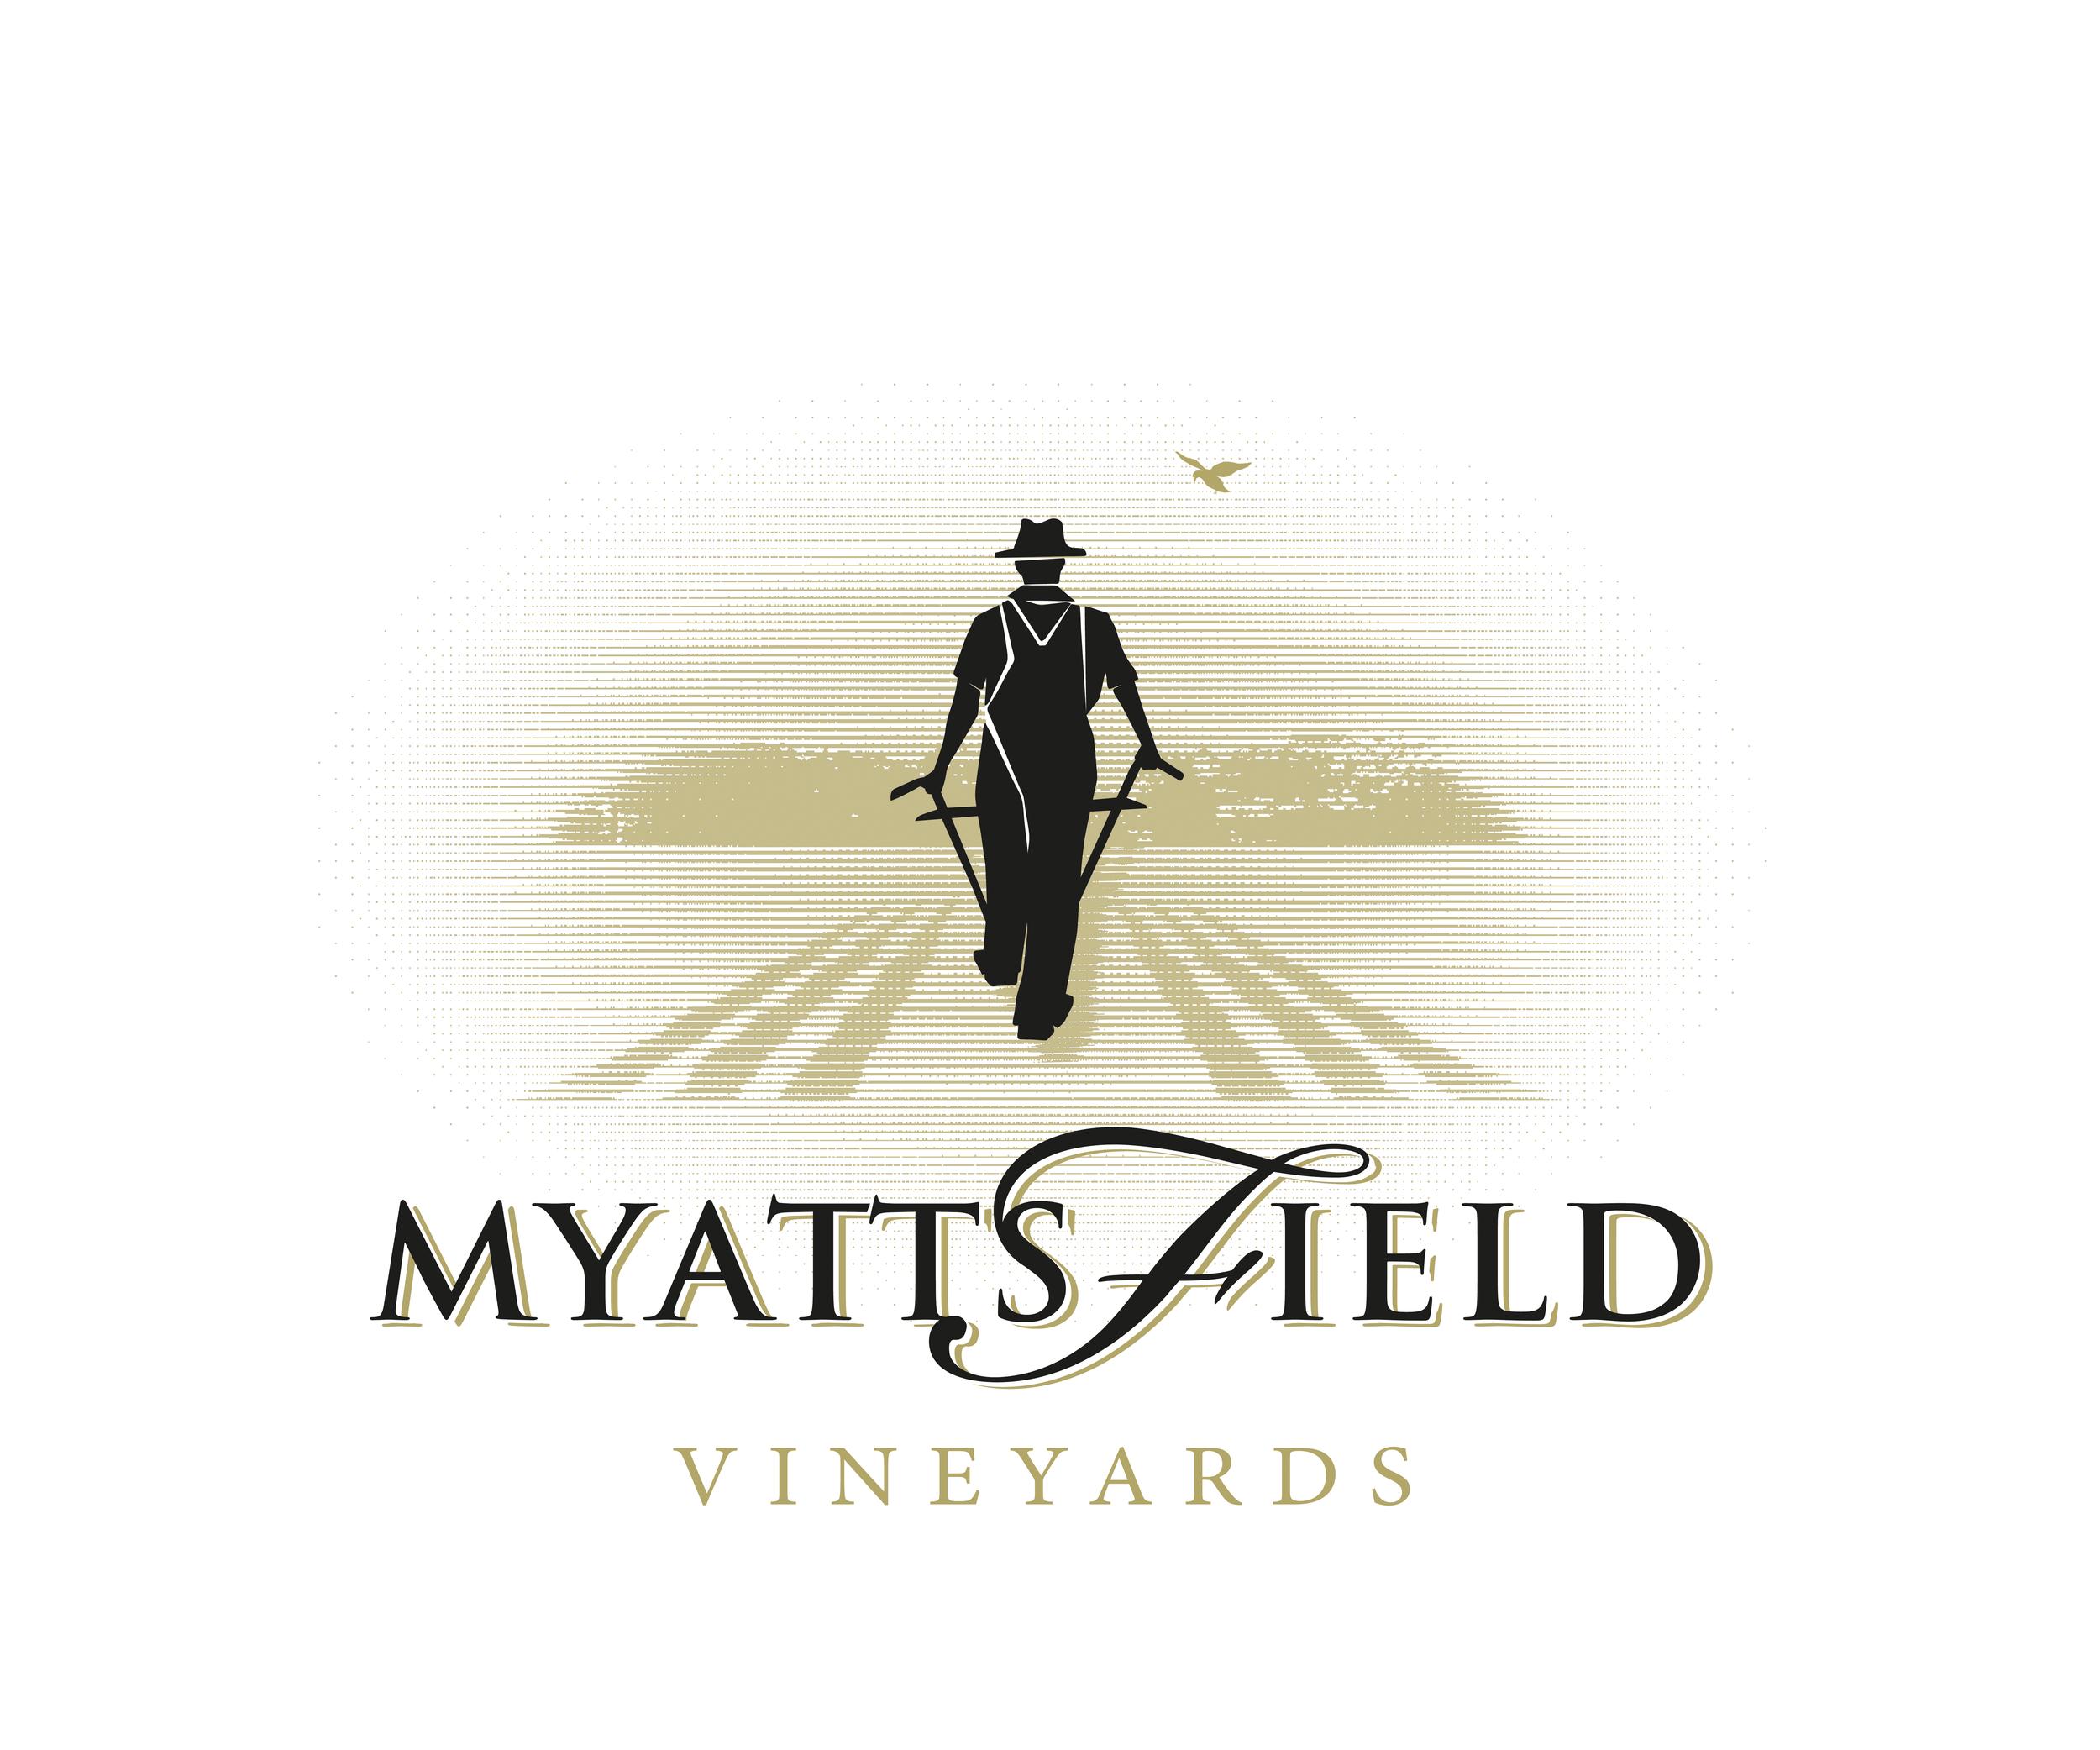 Myattsfield logo.png